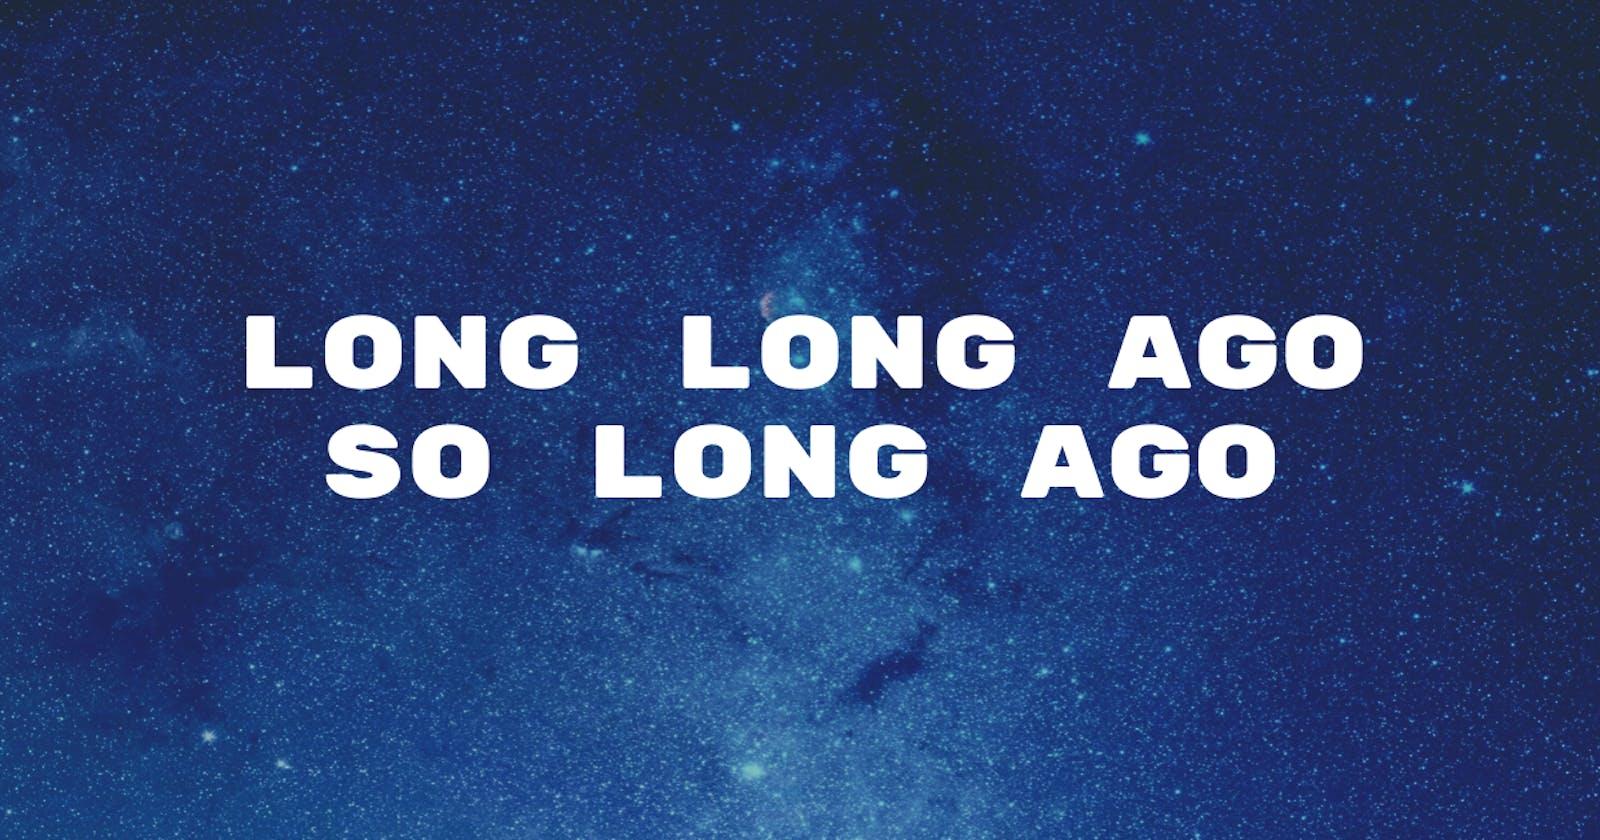 Long long ago so long ago